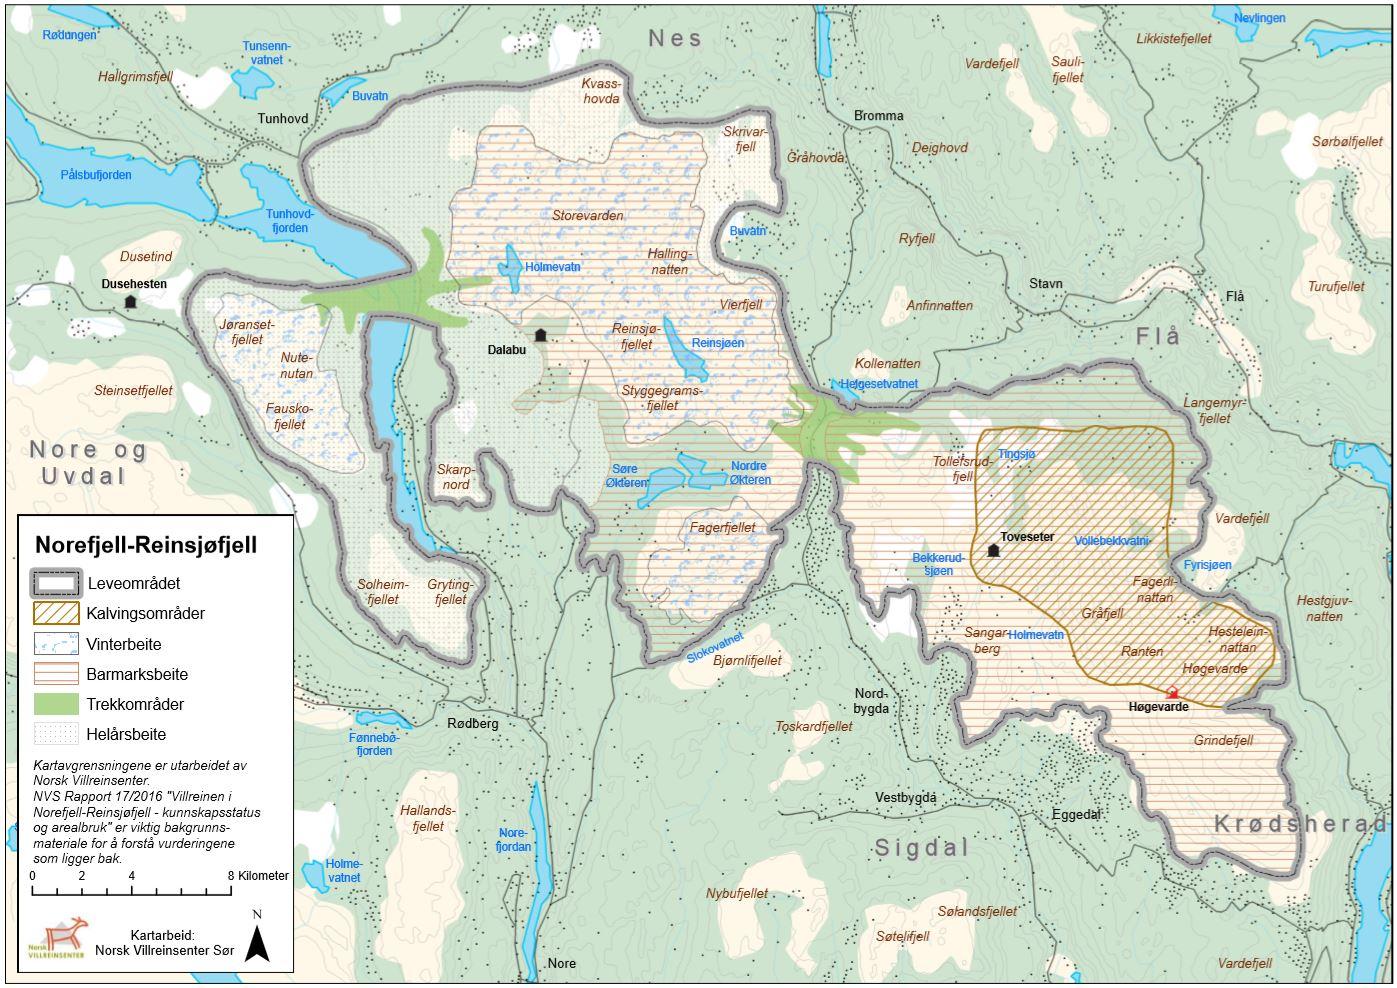 Eksempel på sluttprodukt etter kartlegging av villreinens arealbruk; temakart for Norefjell-Reinsjøfjell.